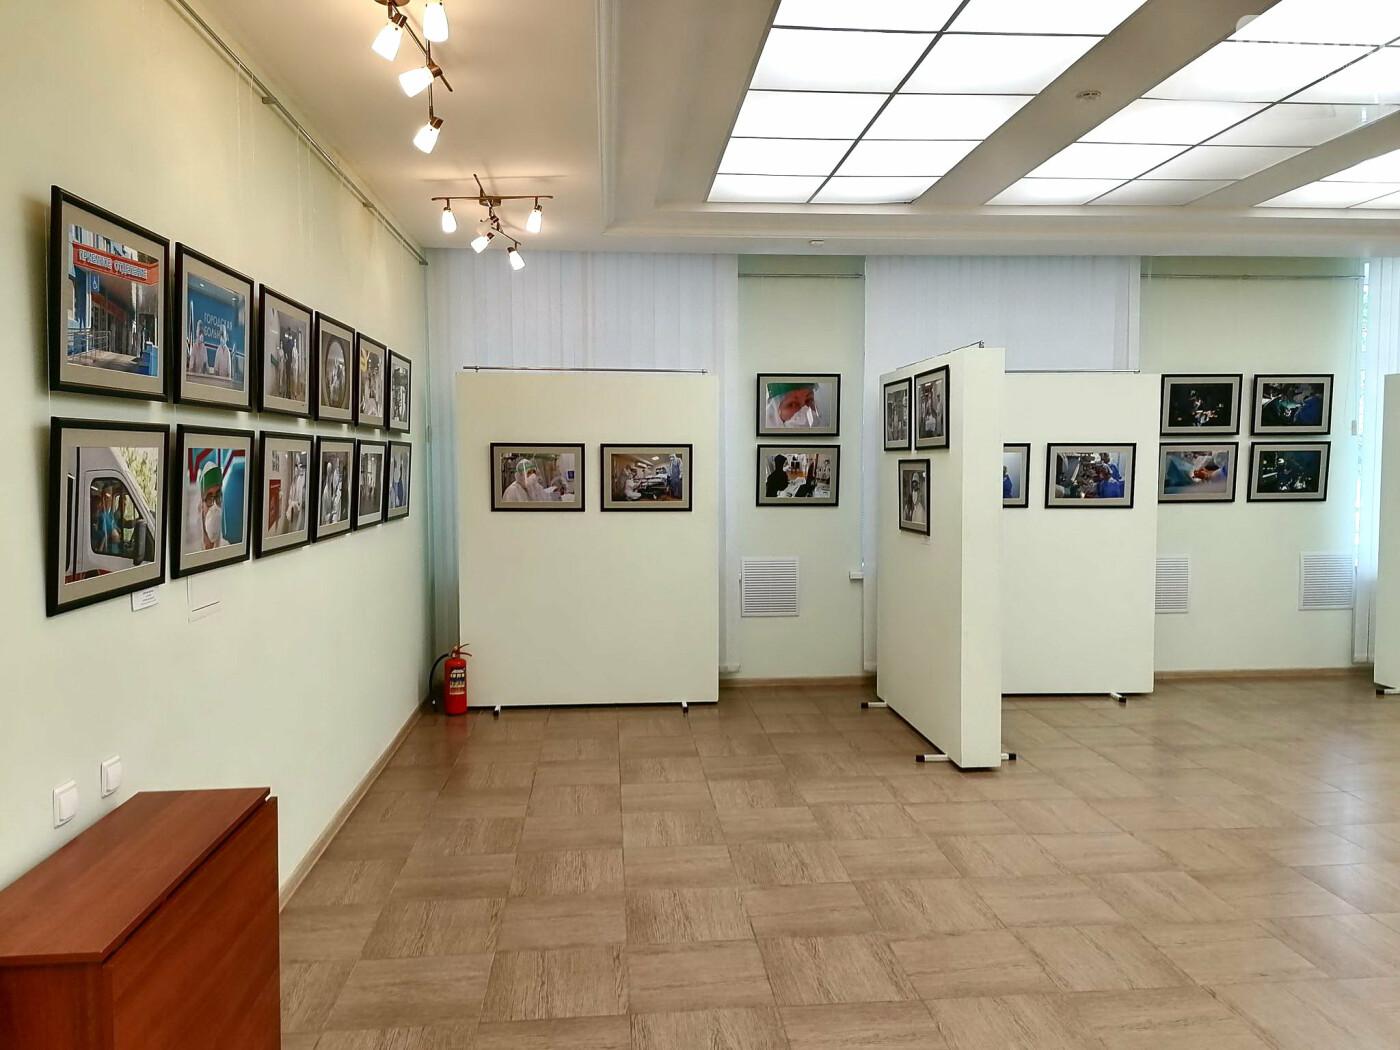 В Белгороде открылась фотовыставка, посвящённая медикам, фото-2